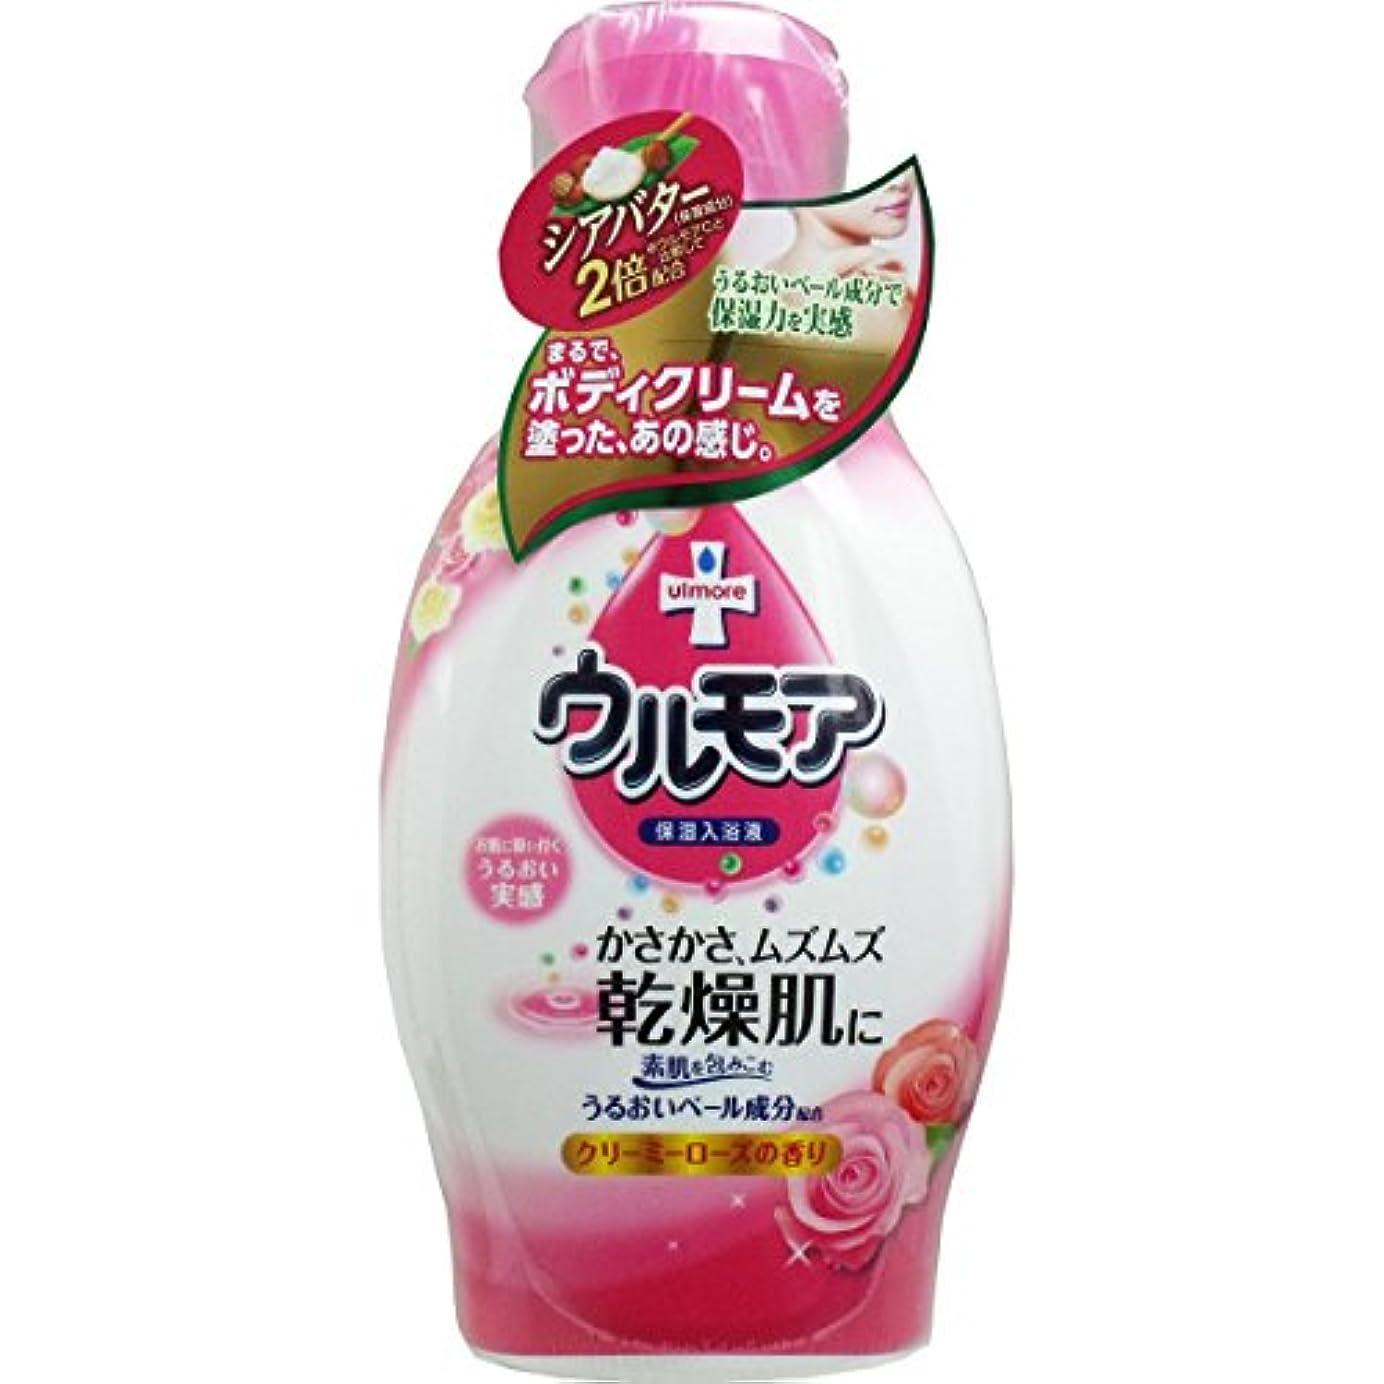 噴水天窓船員【アース製薬】保湿入浴液ウルモアクリーミーローズの香り 600ml ×3個セット